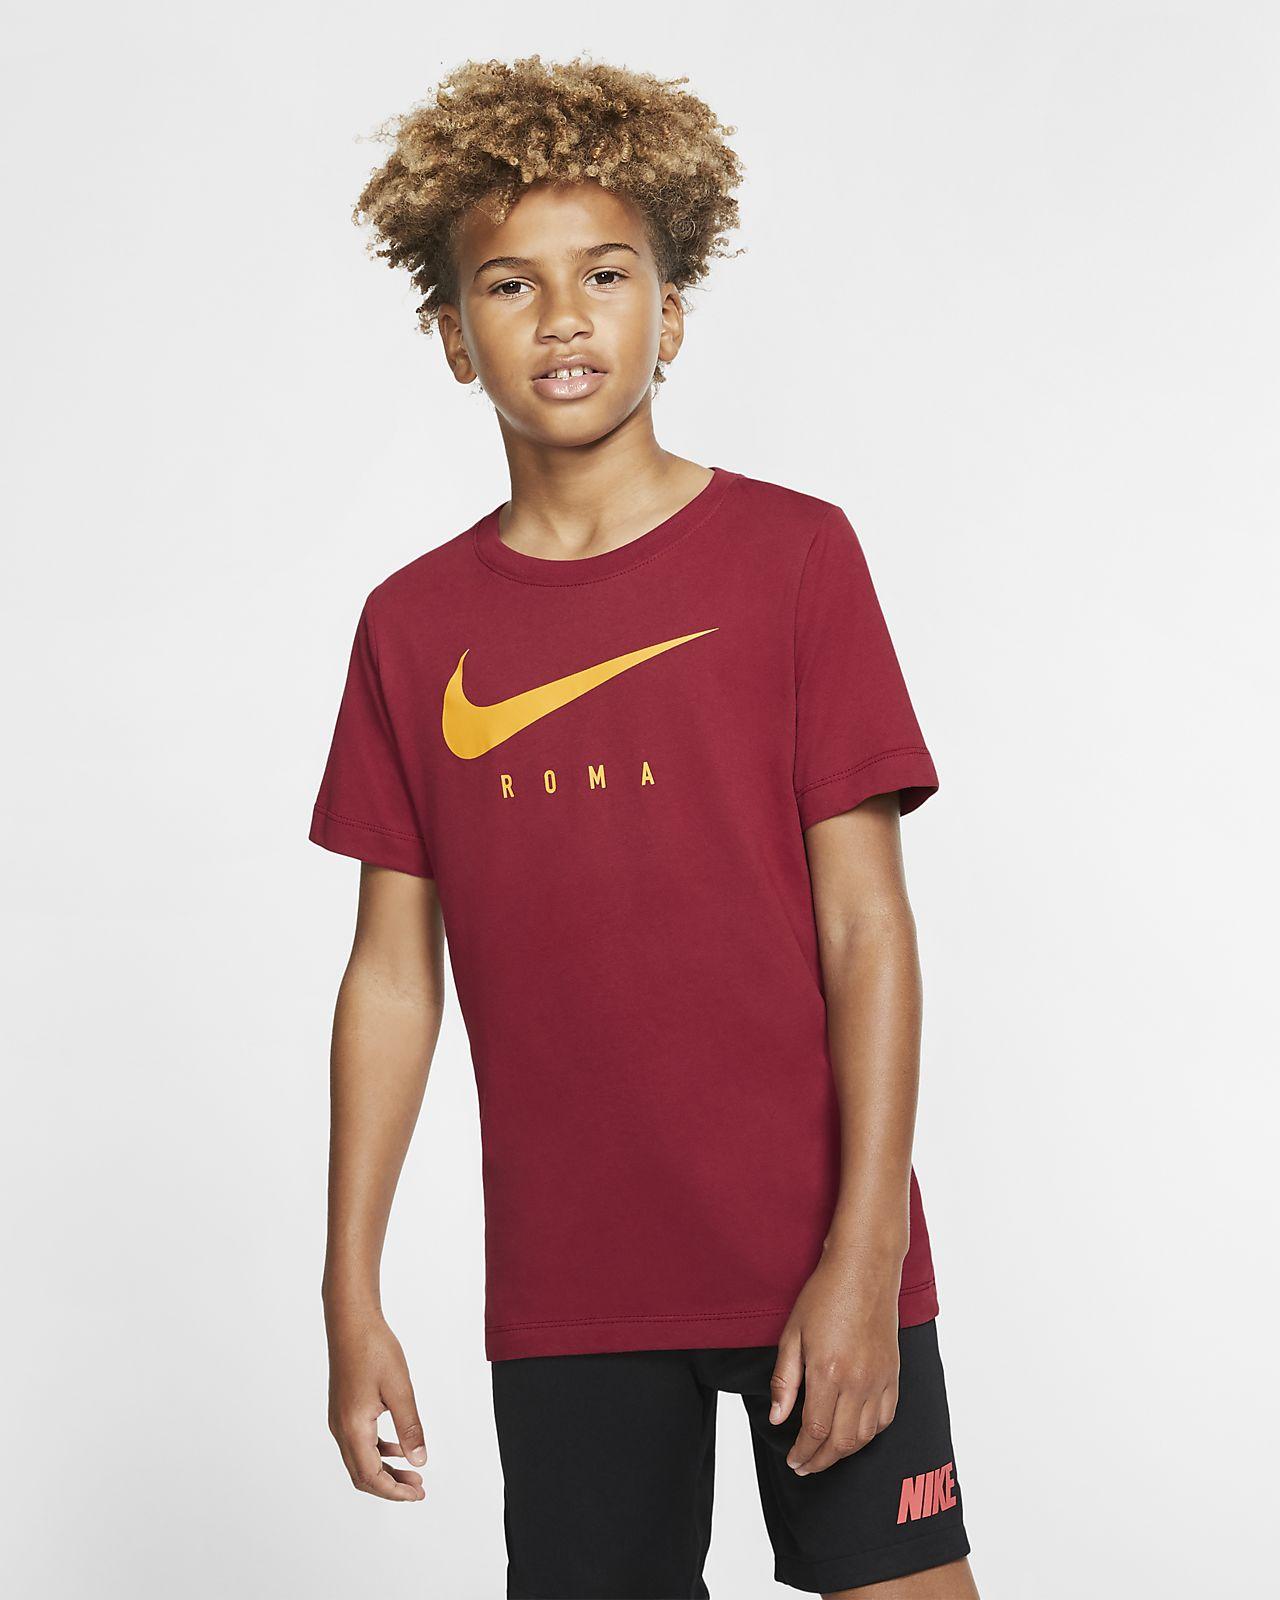 A.S. Roma Camiseta de fútbol - Niño/a